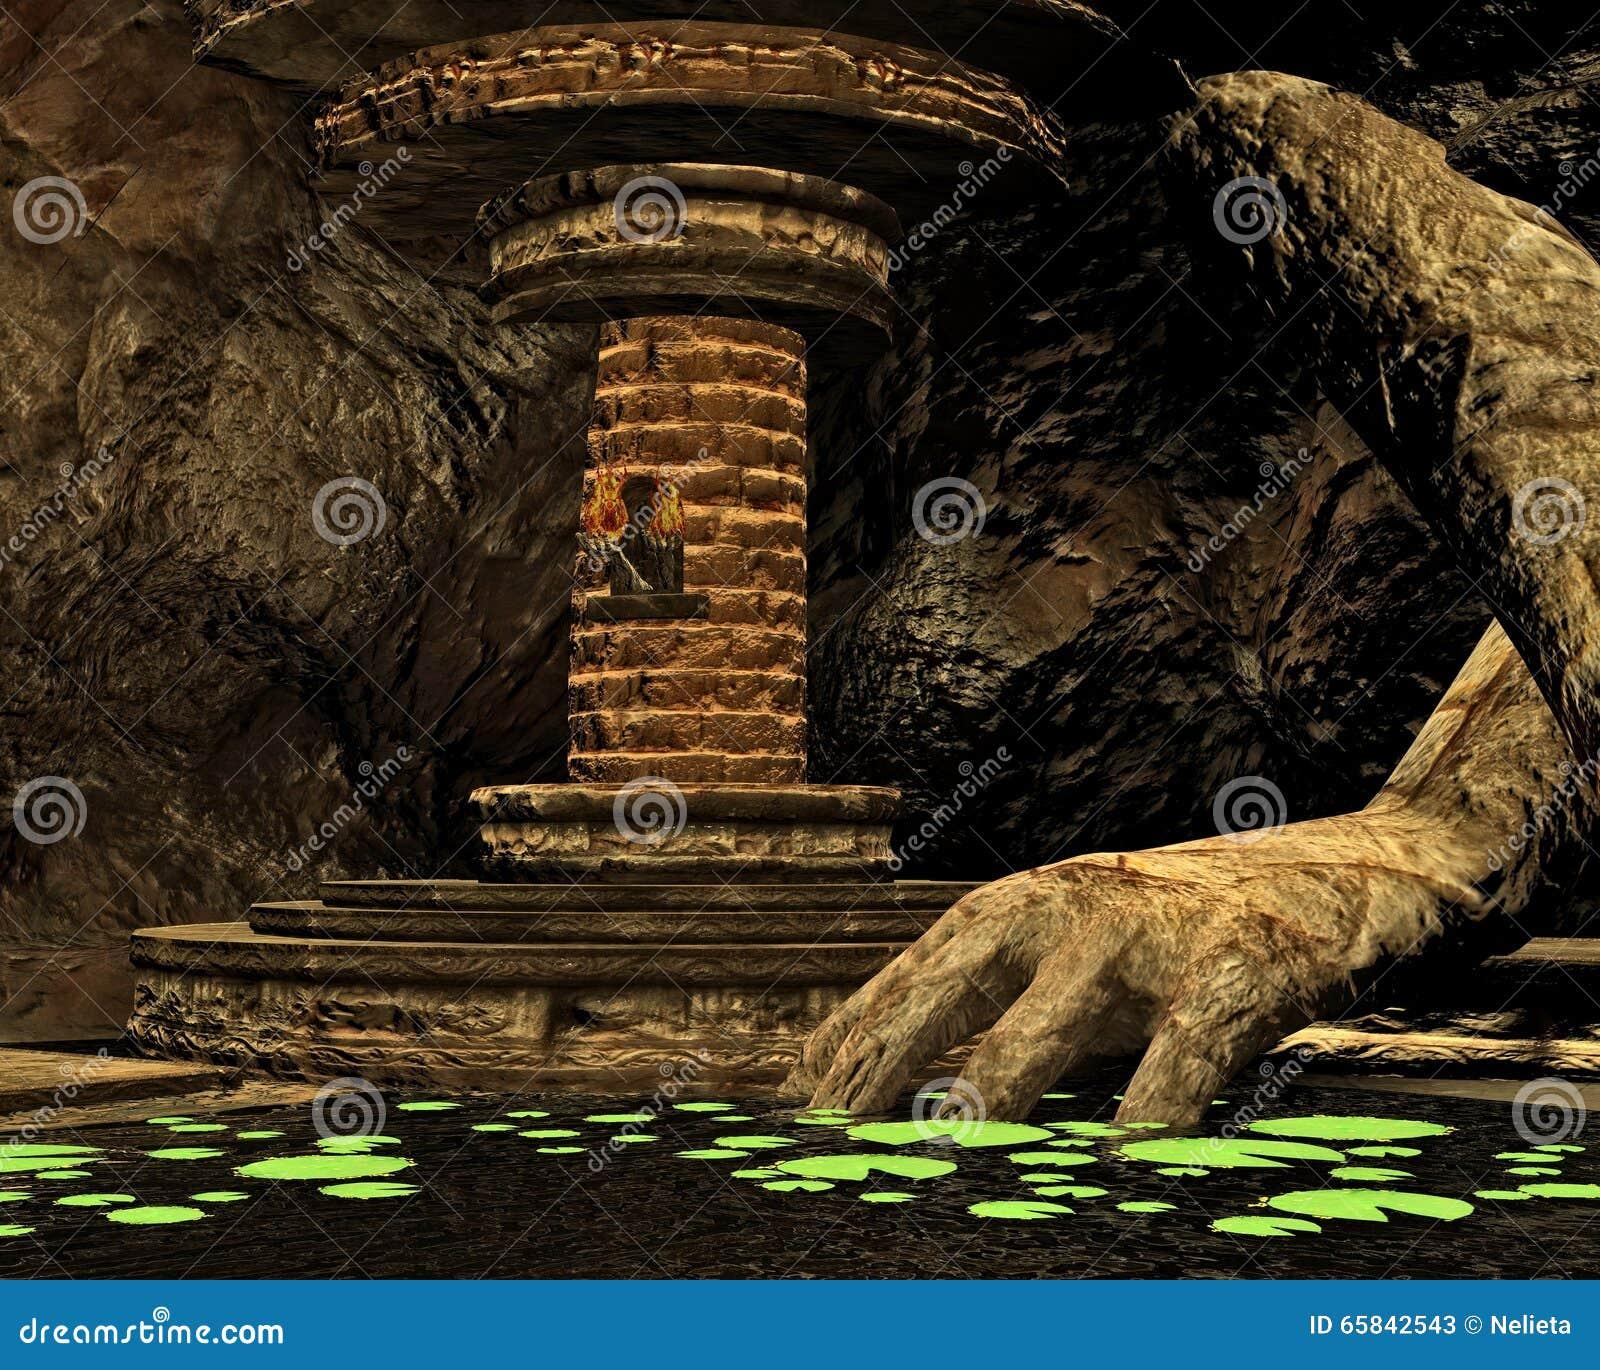 Cueva secreta, 3D CG